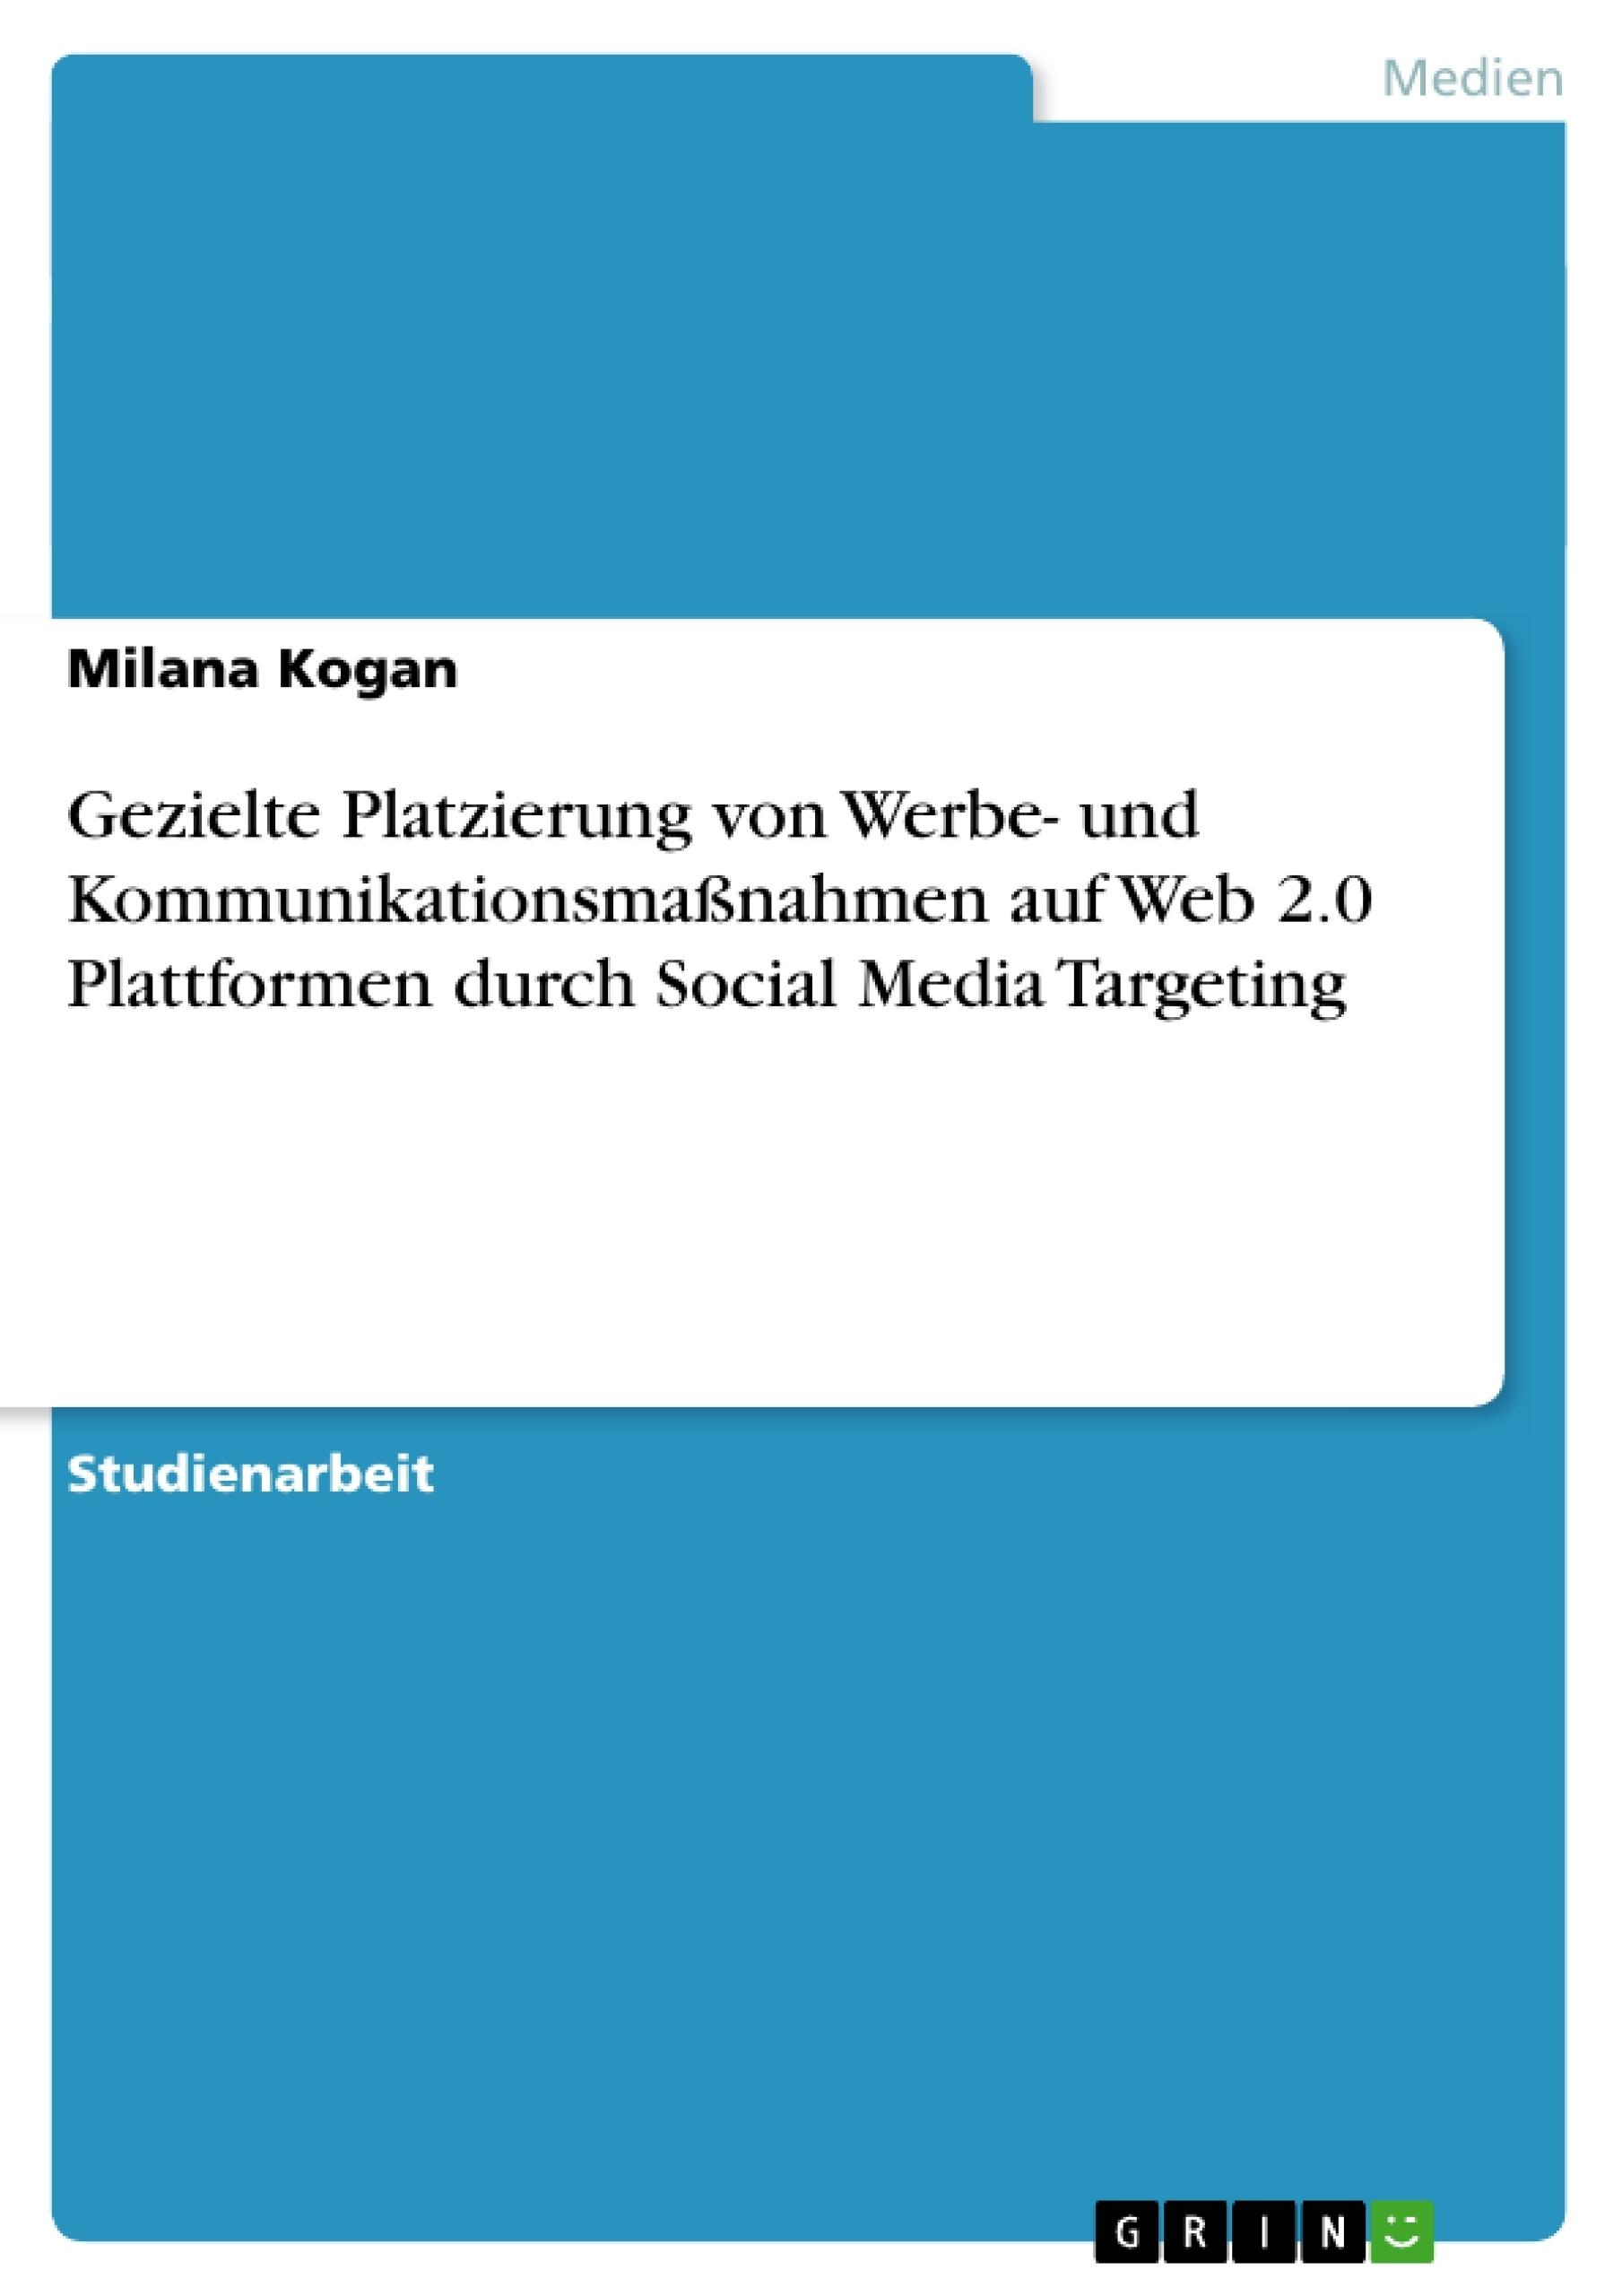 Titel: Gezielte Platzierung von Werbe- und Kommunikationsmaßnahmen auf Web 2.0 Plattformen durch Social Media Targeting